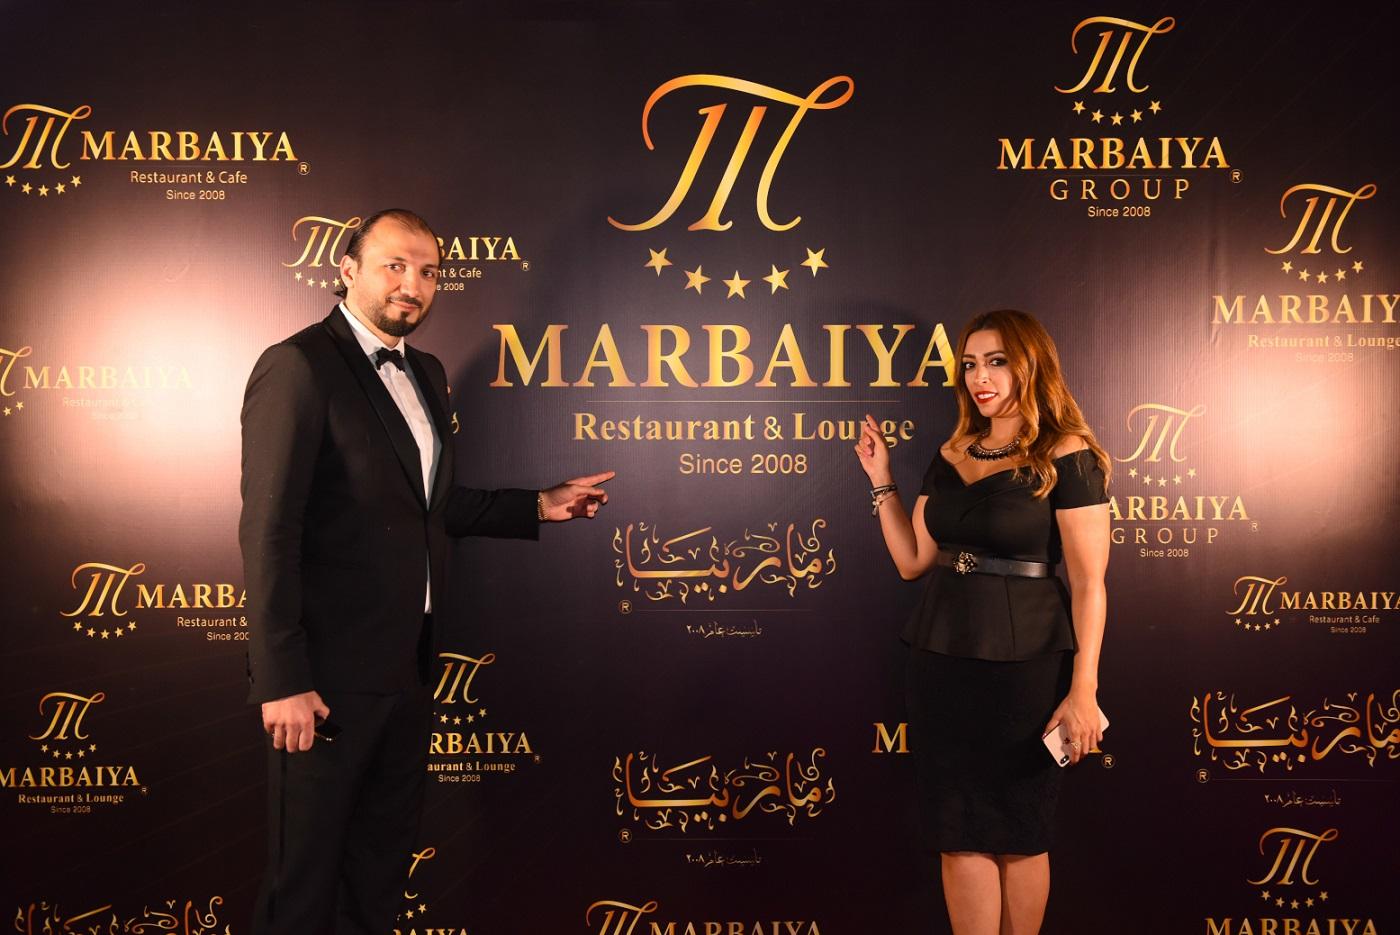 صور| بحضور دبلوماسي وفني افتتاح ماربيا لاونج في الحبتور سيتي بامارة دبي